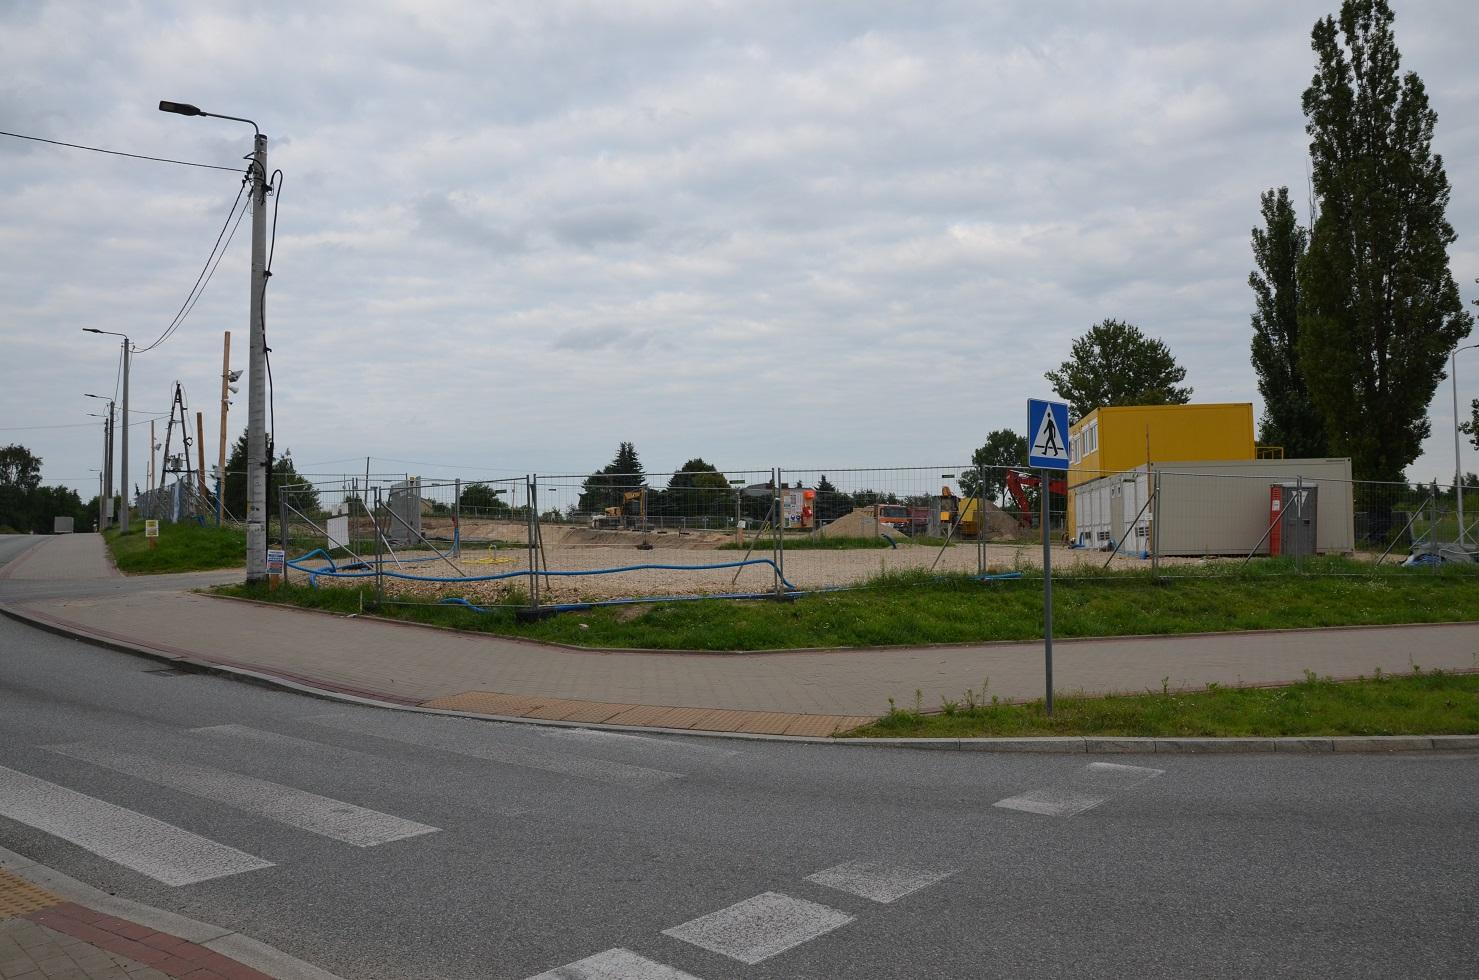 Miejsce budowy nowych bloków w Rawie Mazowieckiej u zbiegu ulic Mszczonowska i Biała przy rondzie.